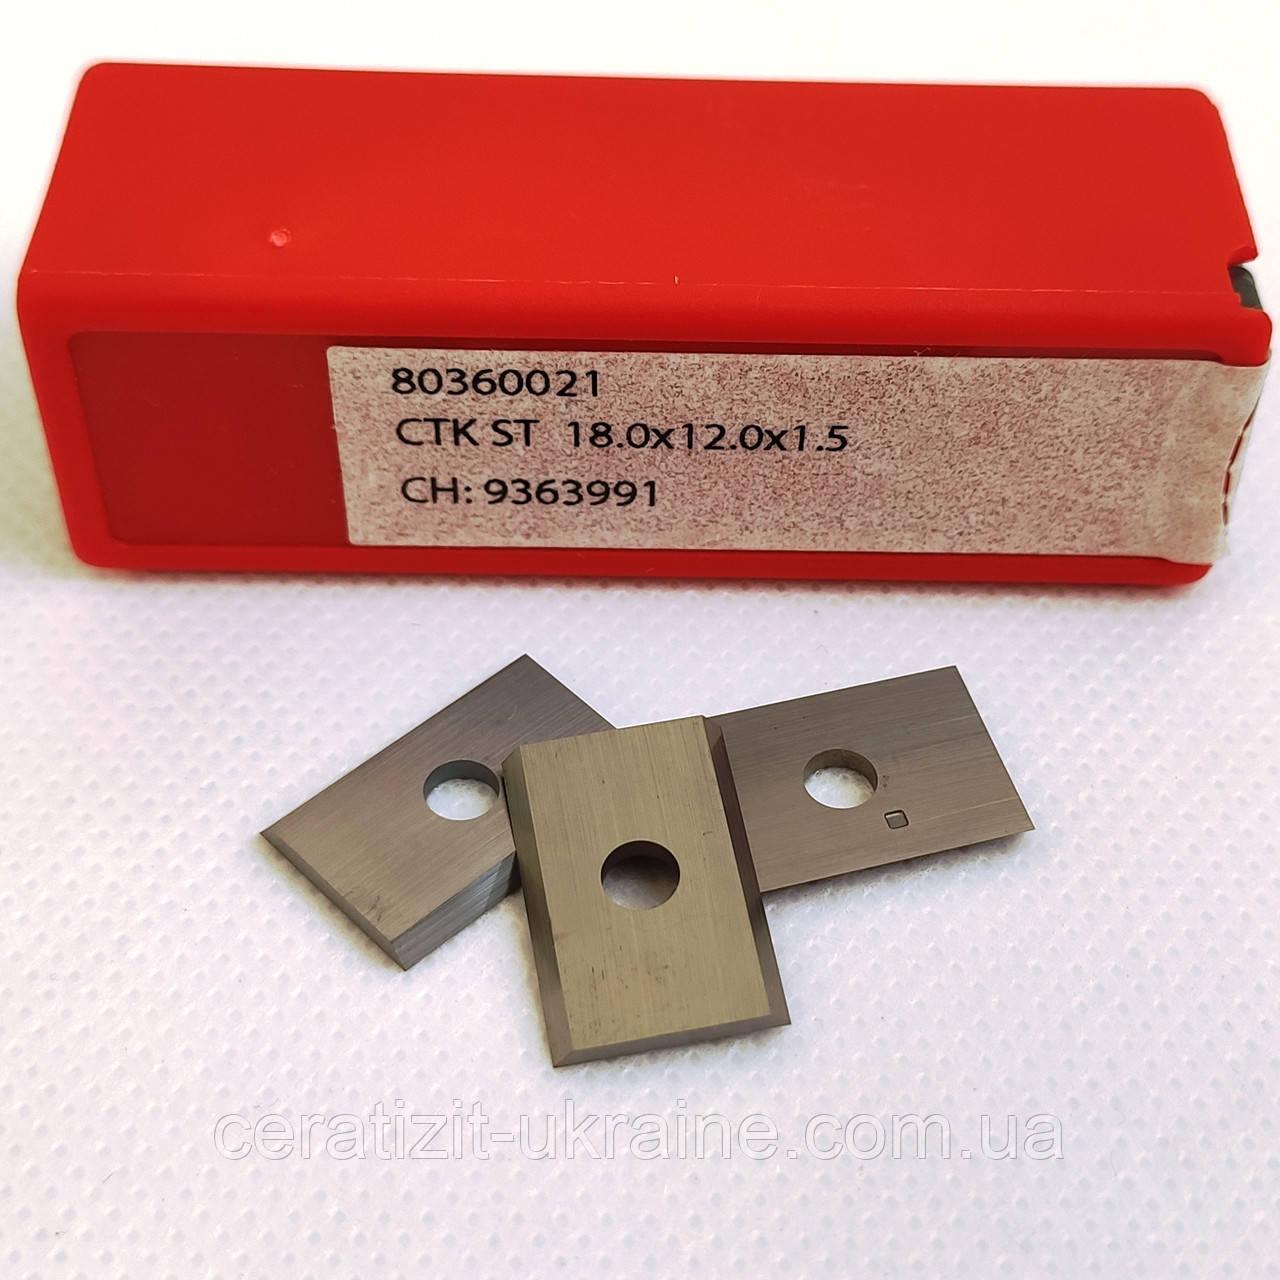 Ніж змінний тб/спл HW 18,0х12,0х1,5 KCR08 Ceratizit (Люксембург)